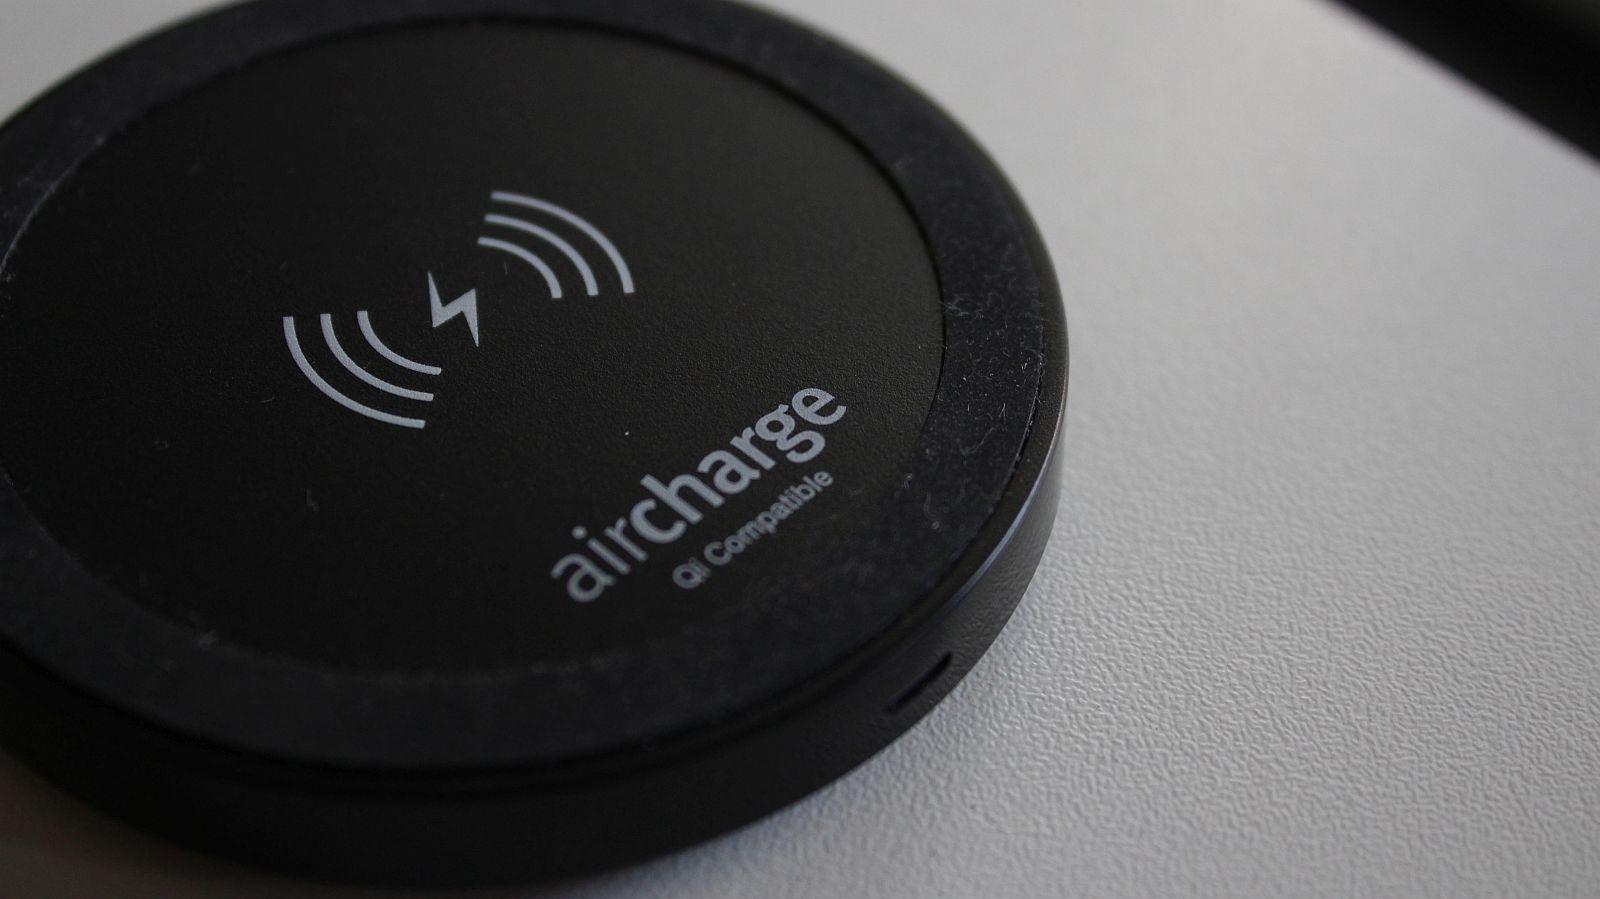 LG G4 Circle Pad Aircharge 2